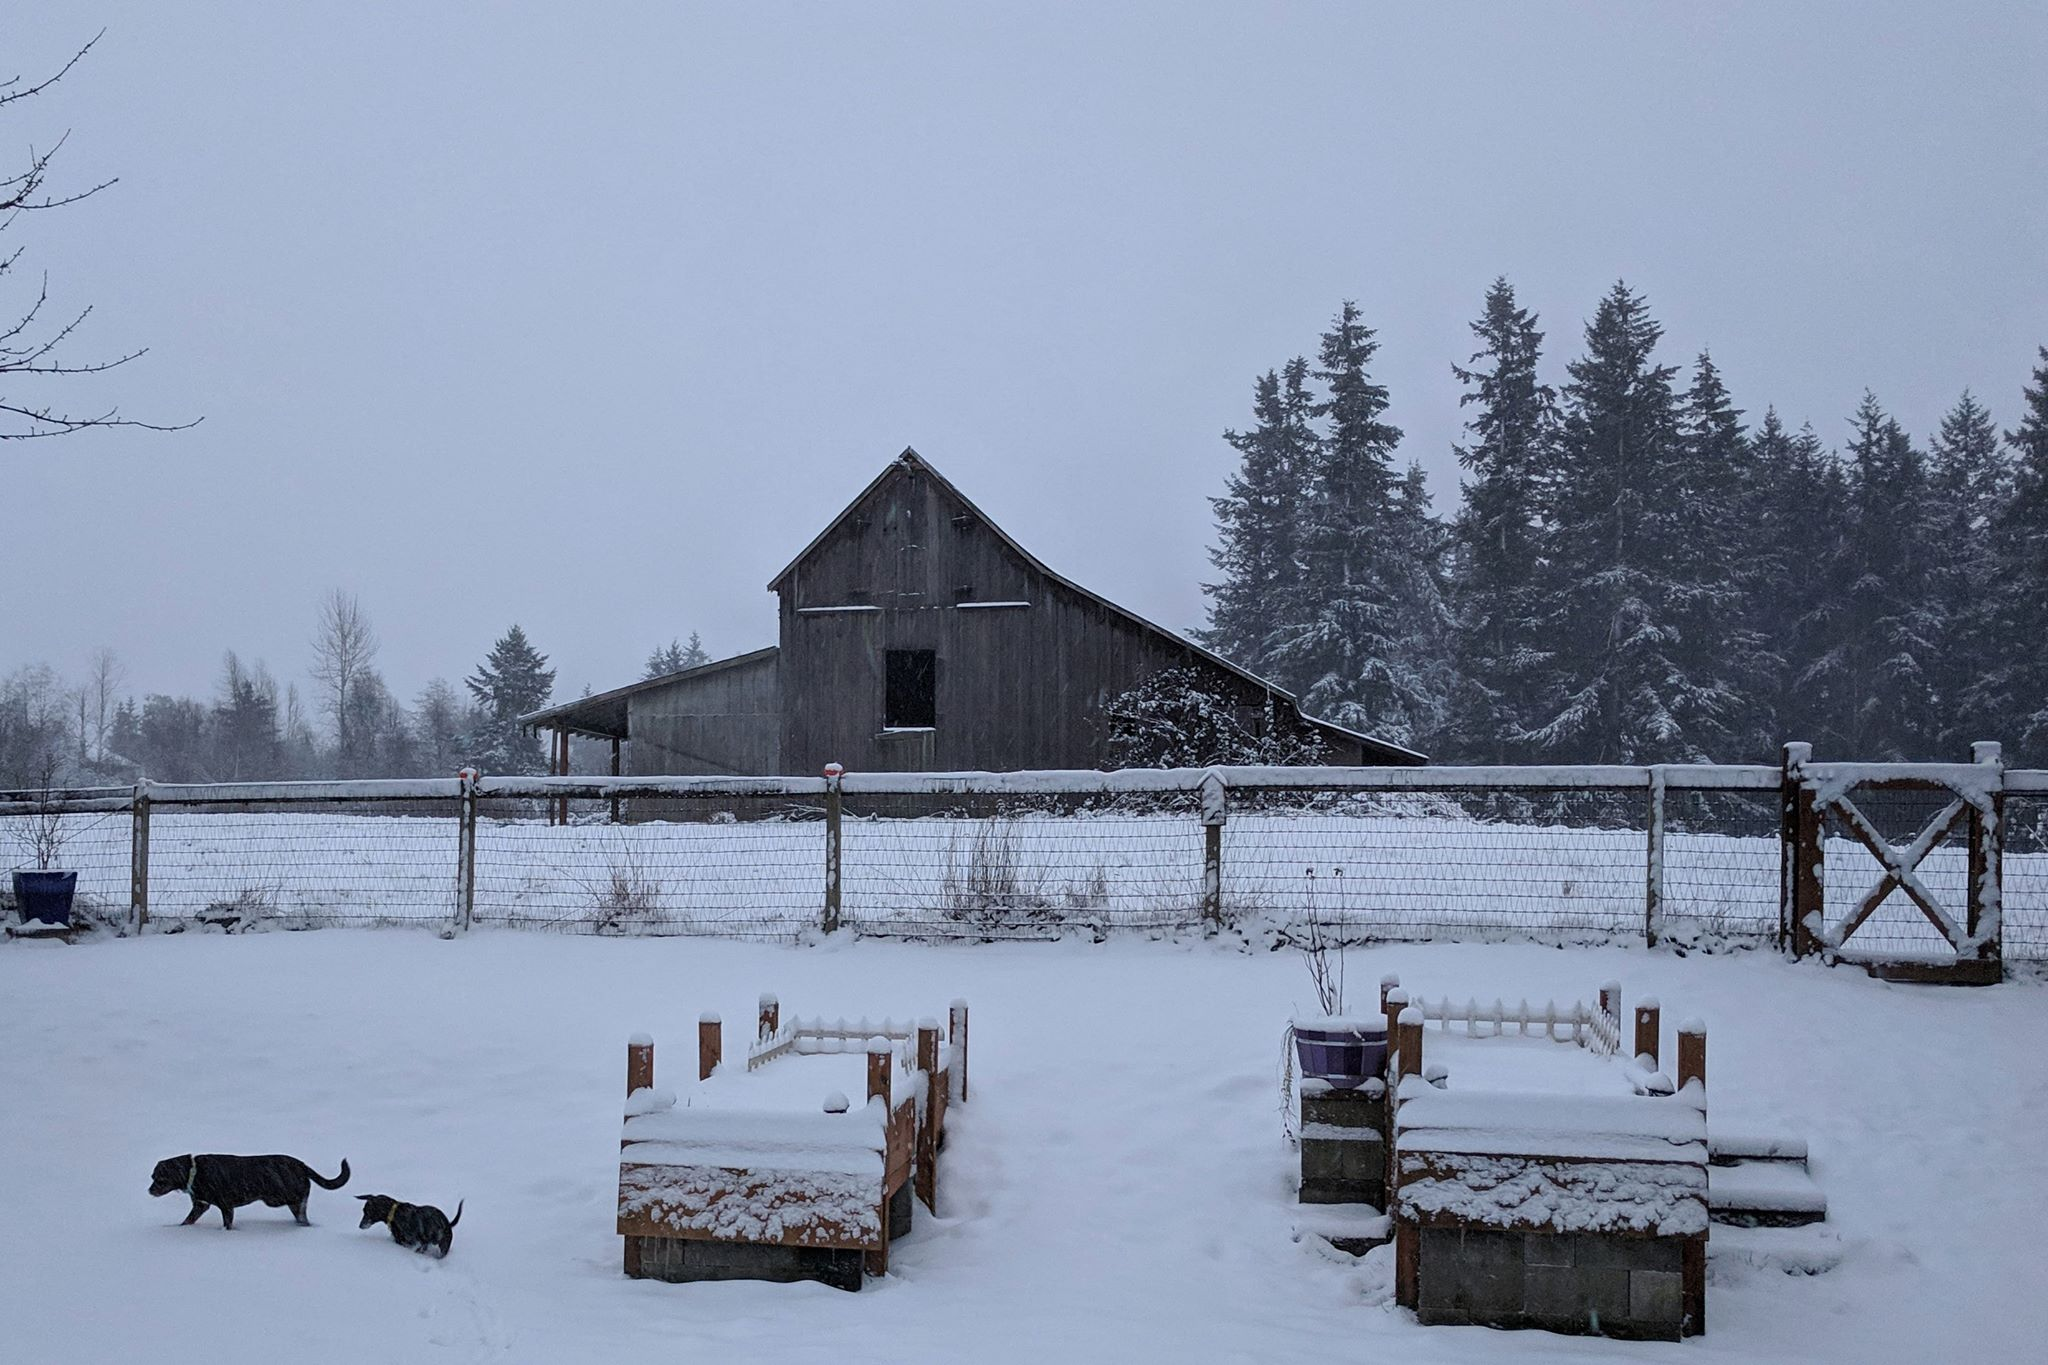 Winter barn with no door